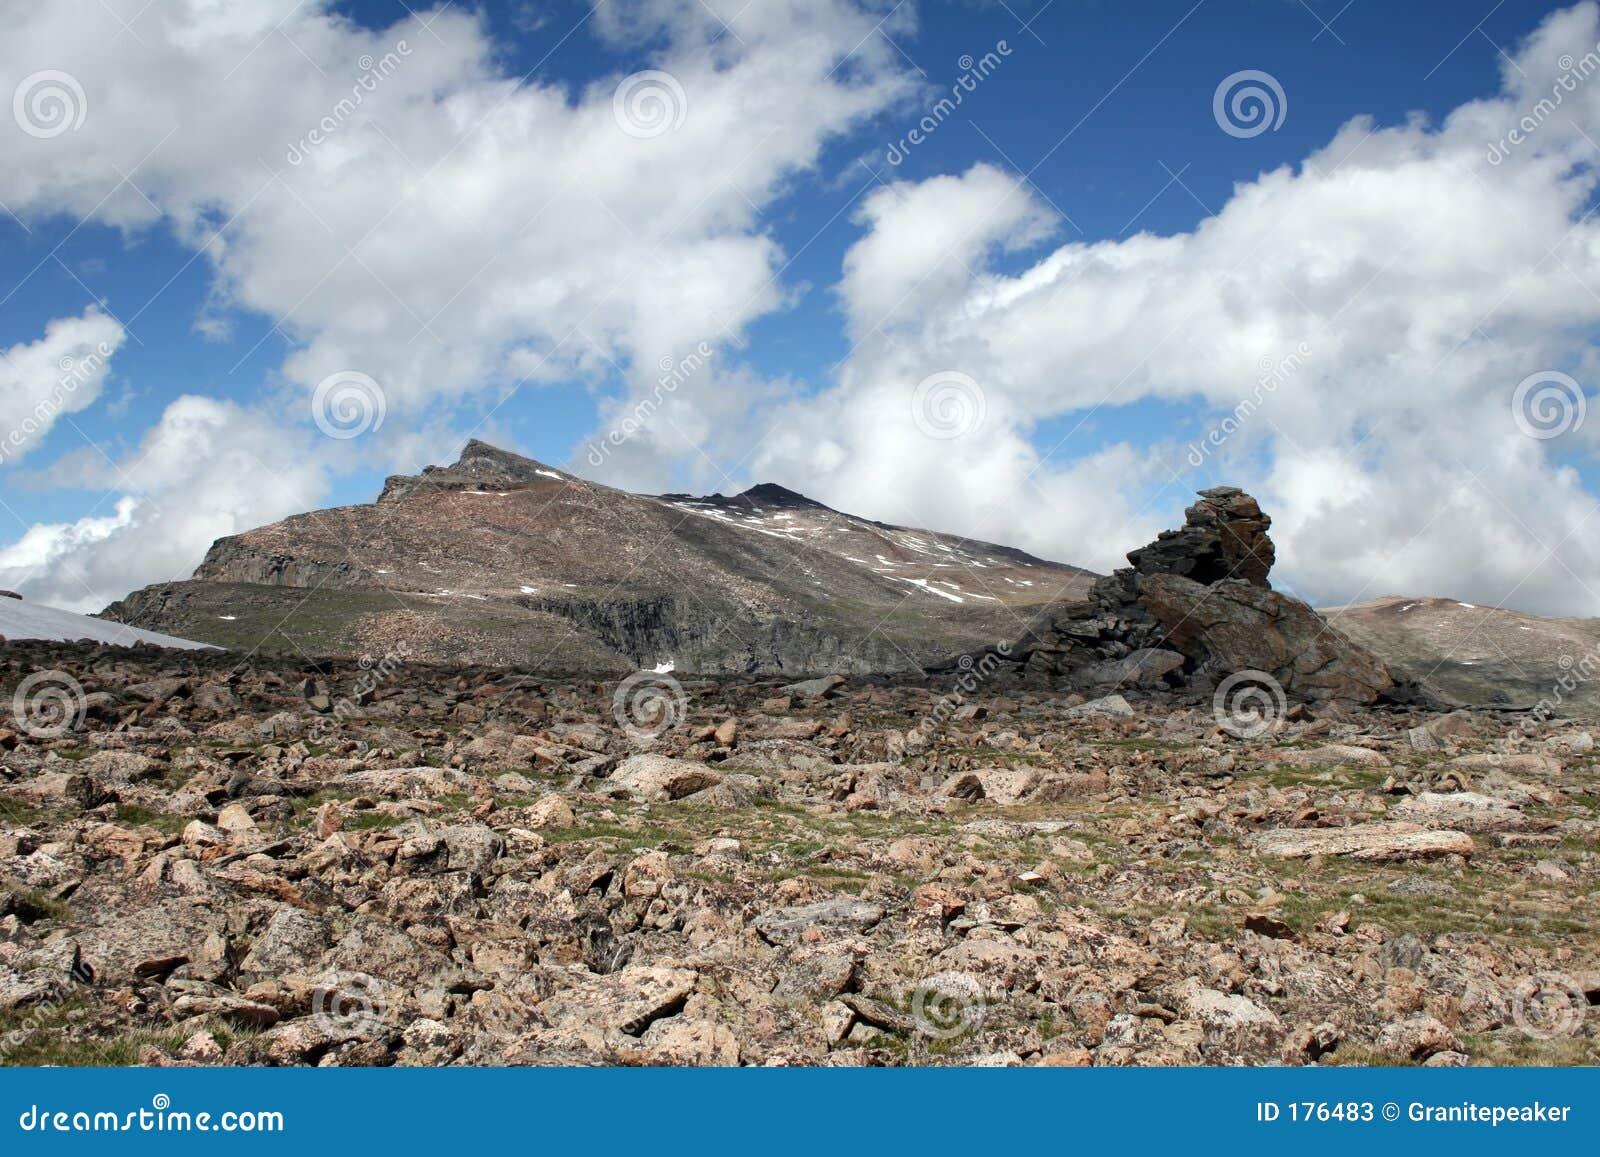 Pico y meseta de la corrida de la plata